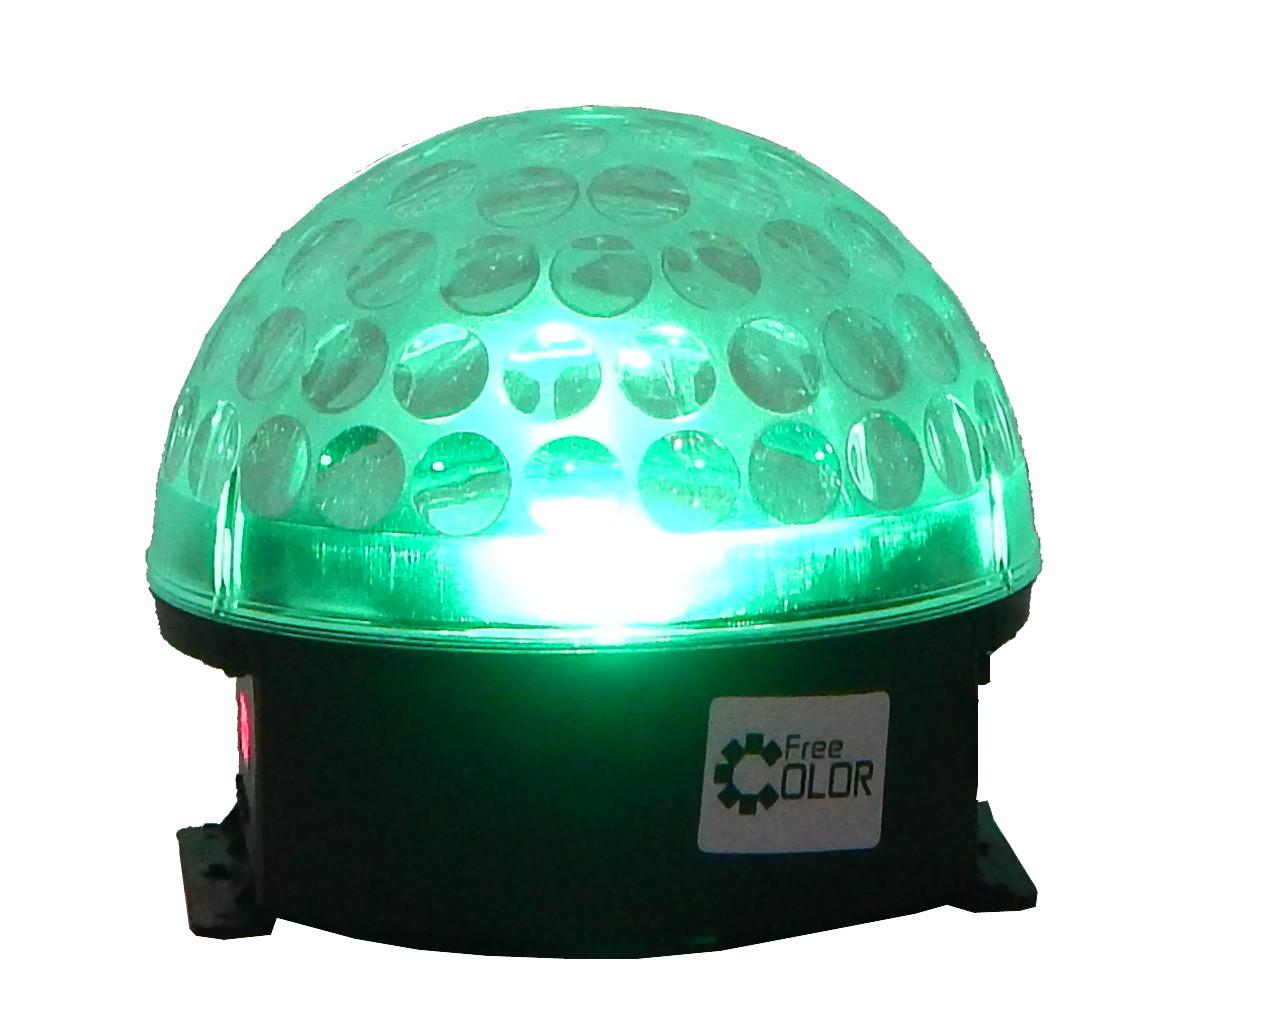 """Световой LED прибор Free Color BALL61 - IZUM Market: """"Подарки с изюмом!"""" в Одессе"""